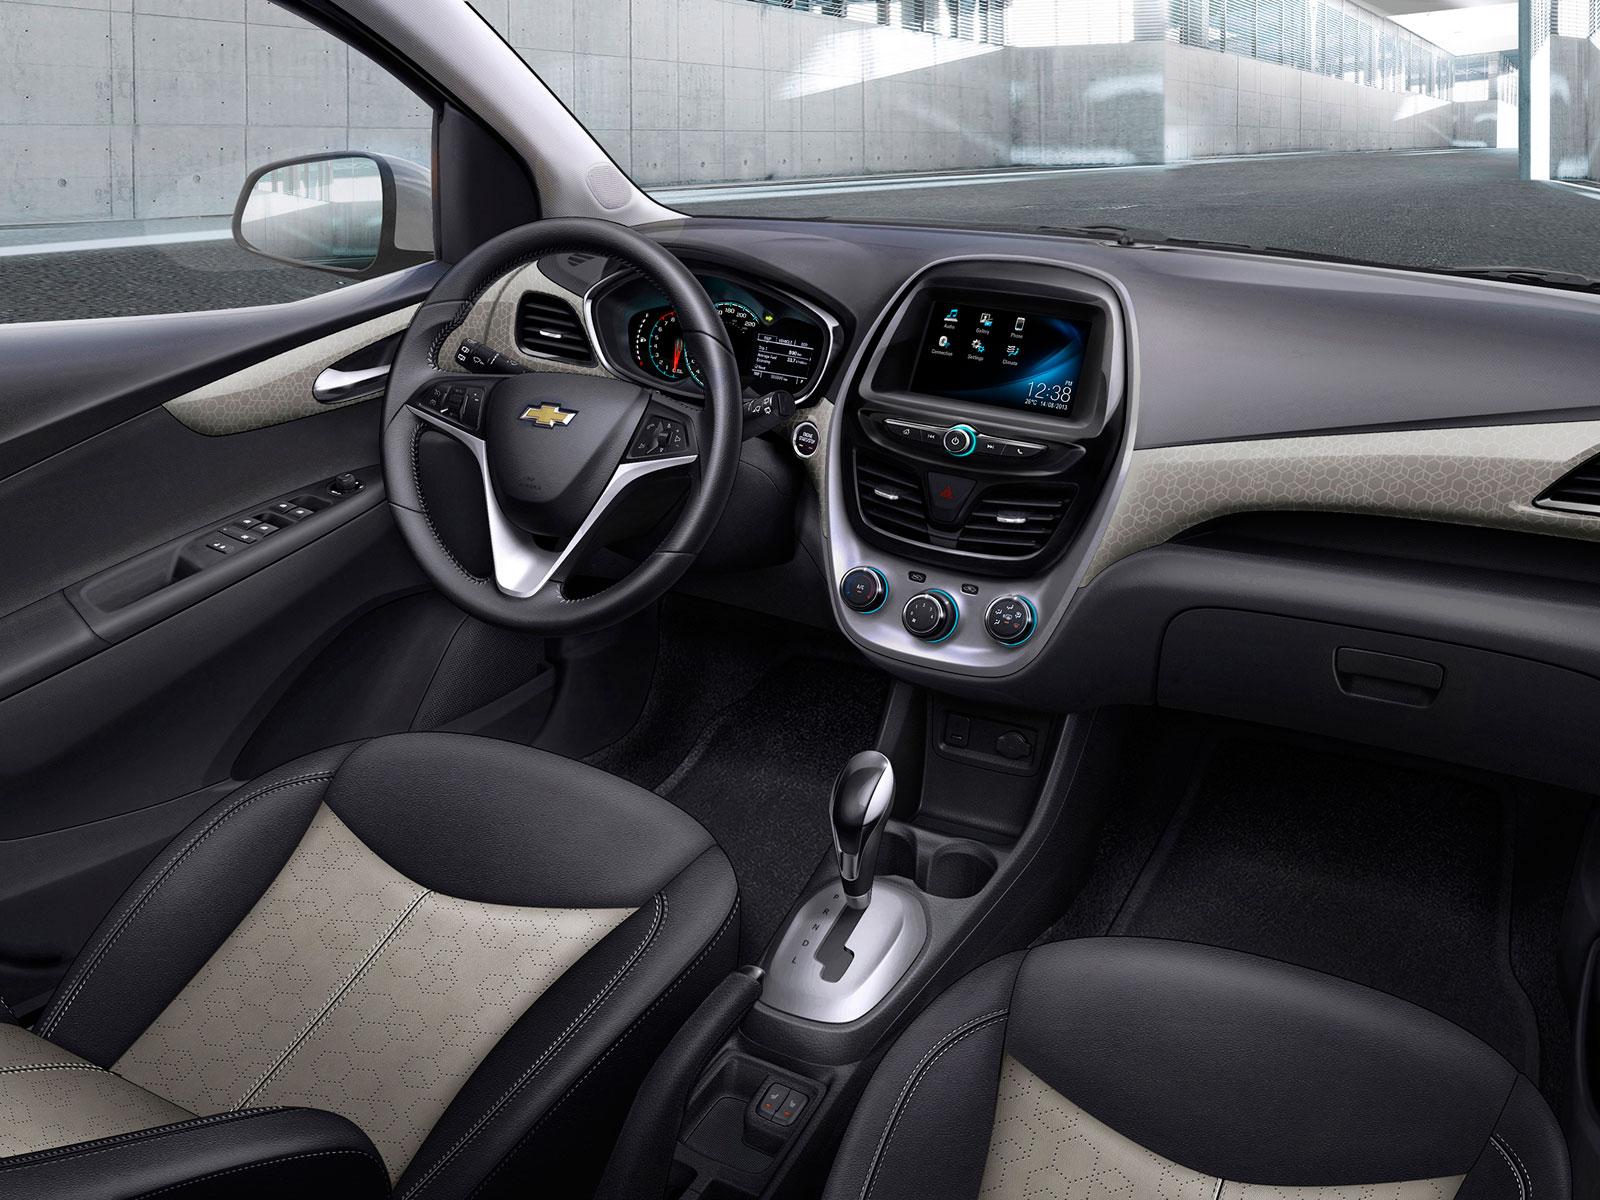 2015 Chevrolet Spark (c) Chevrolet